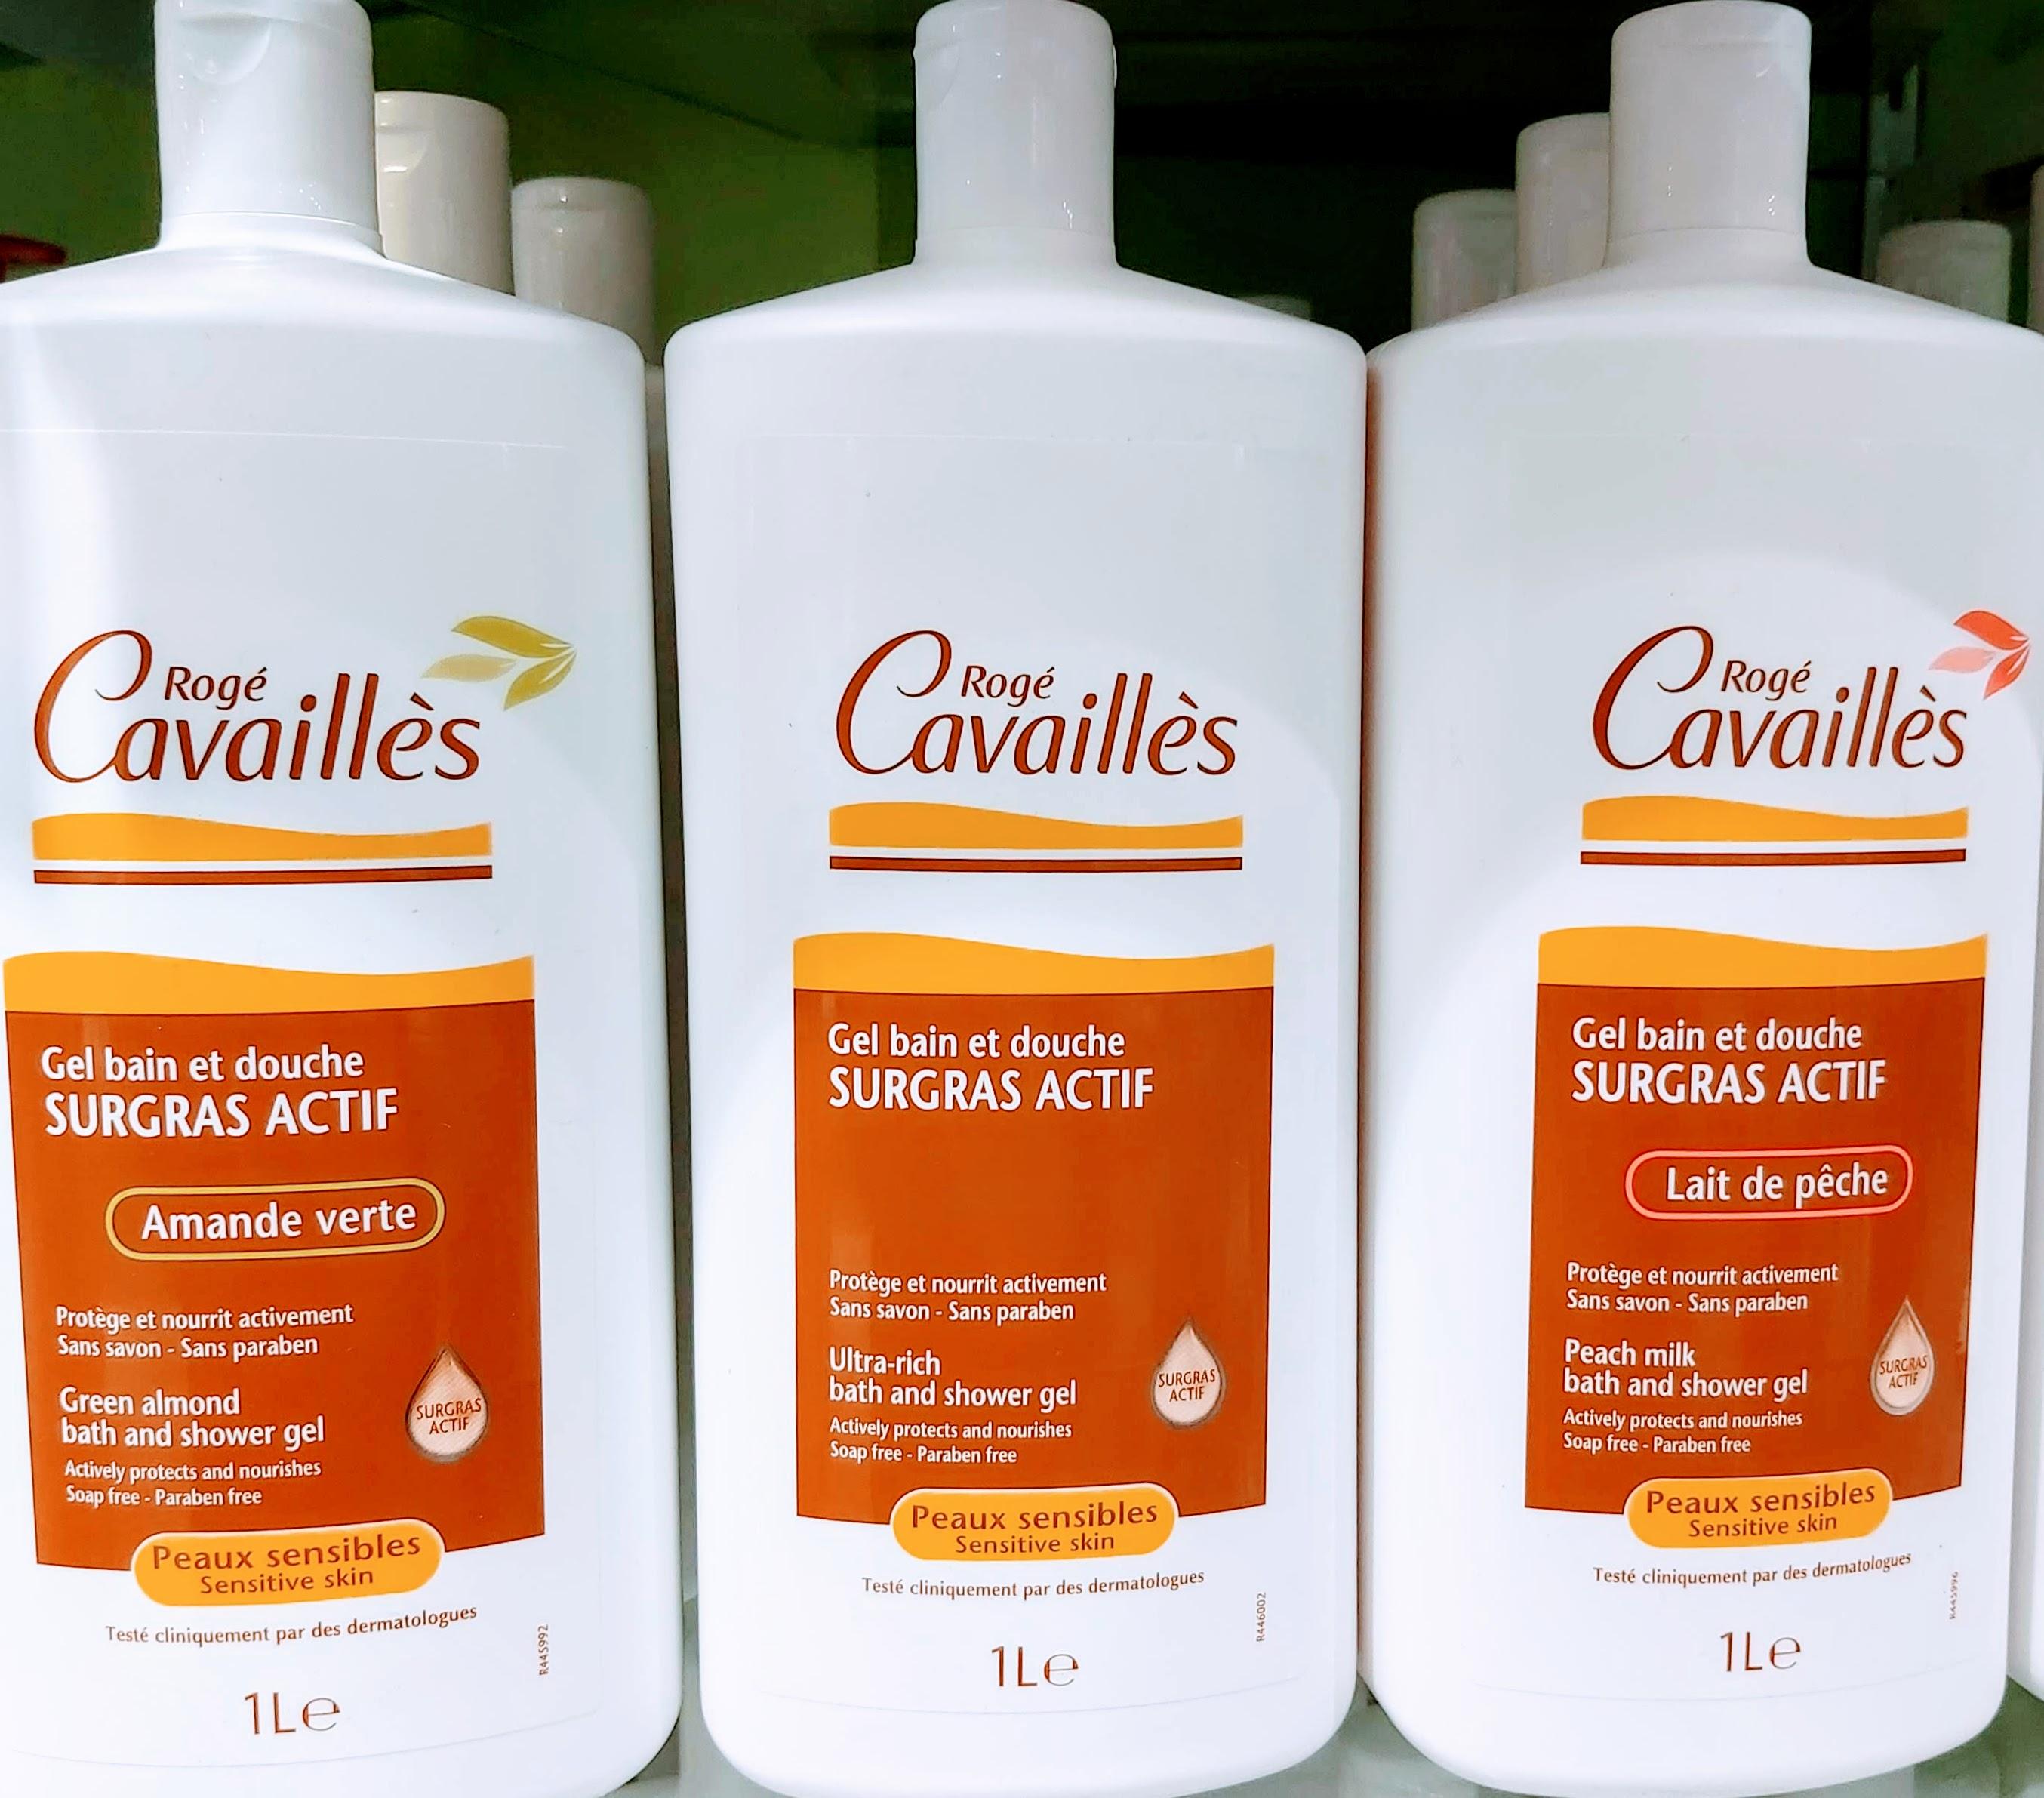 COMPRAR GEL BAIN ET DOUCHE ROGÉ CAVAILLÈS SURGRAS ACTIF en Gran Farmacia Andorra Online AMANDE VERTE Pour prendre soin de votre peau sensible, le Gel bain et douche est enrichi en Surgras actif